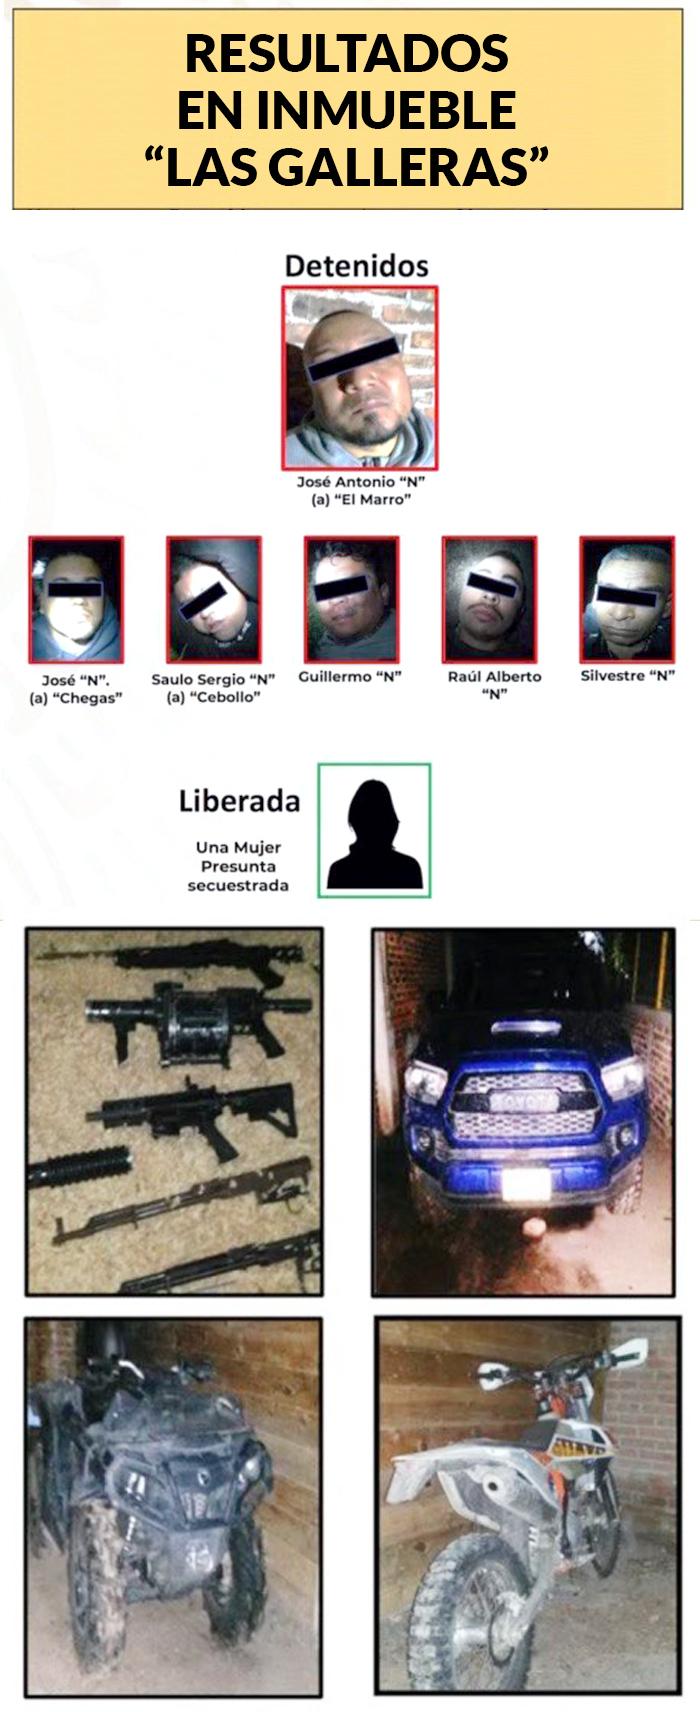 """Imágenes de los detenidos durante el operativo en """"Las Galleras""""."""